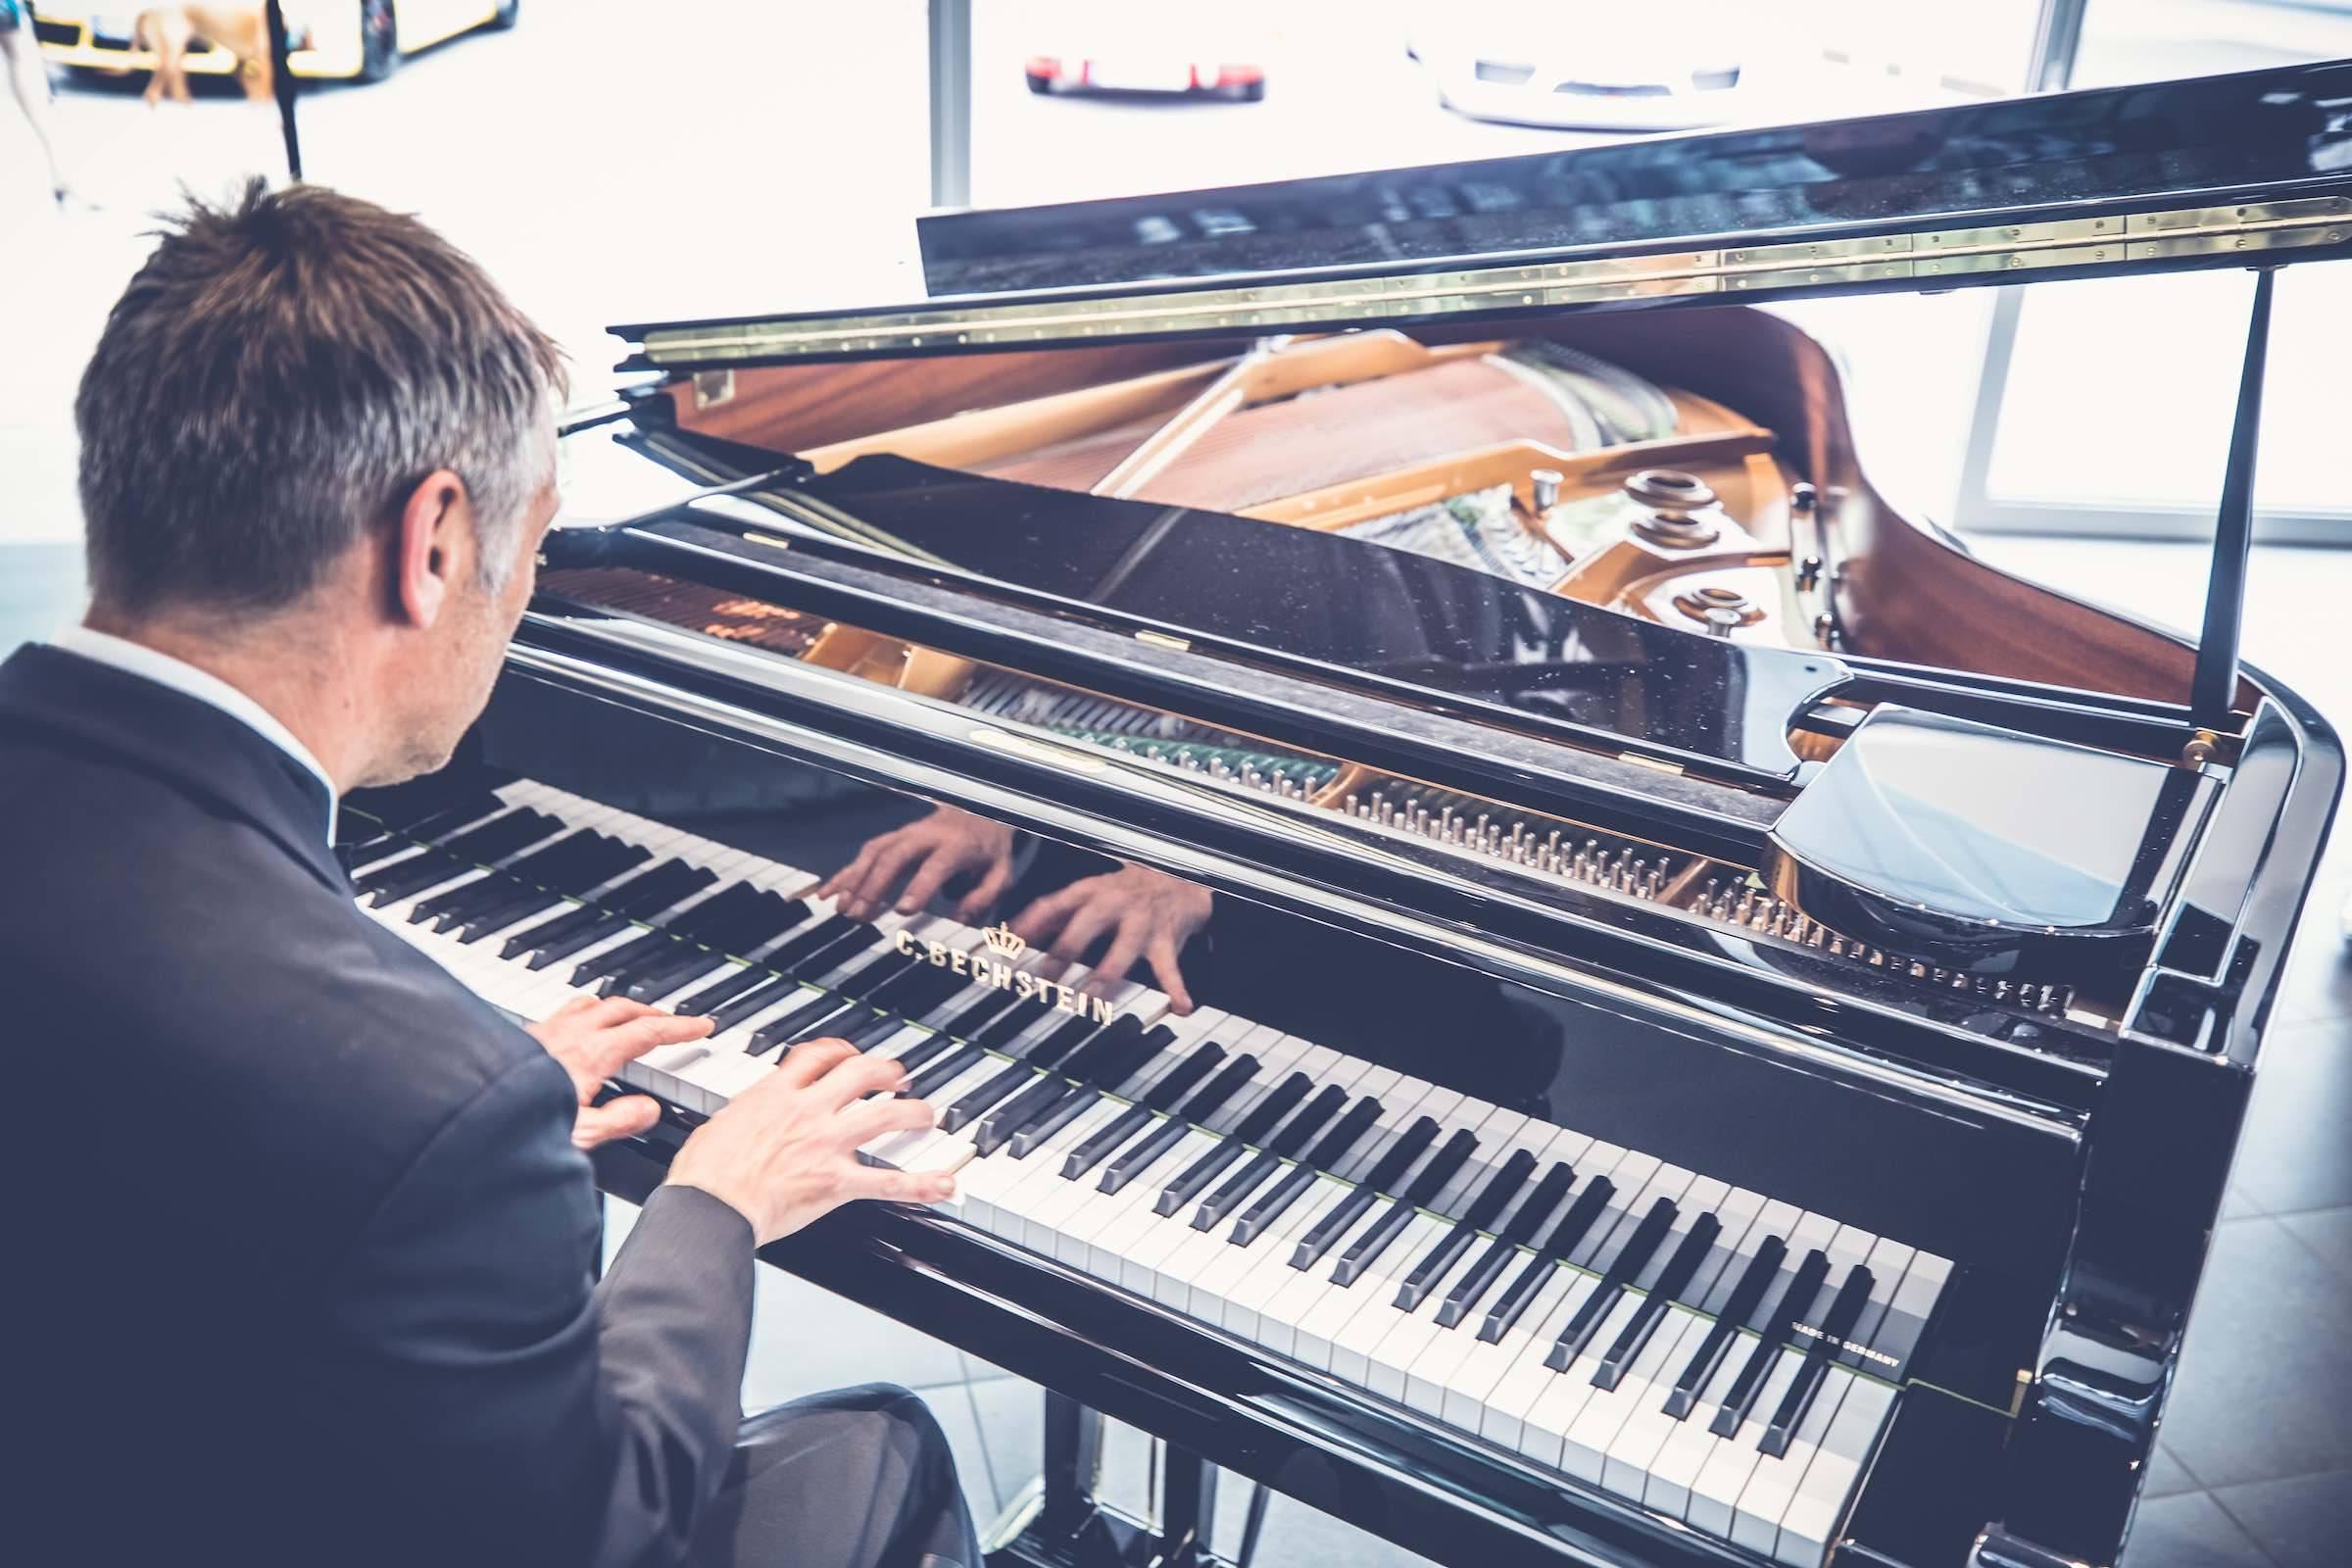 Pianist   Klavierspieler   Hannover   Flügel   Piano   Livemusik   Standesamt   Trauung   Jazz   Swing   Lounge   Empfang   Pop   Hochzeit   Messe   Firmenfeier   Charity   Gala   Buchen   Mieten   Anfragen   Lehmann   Eventservice